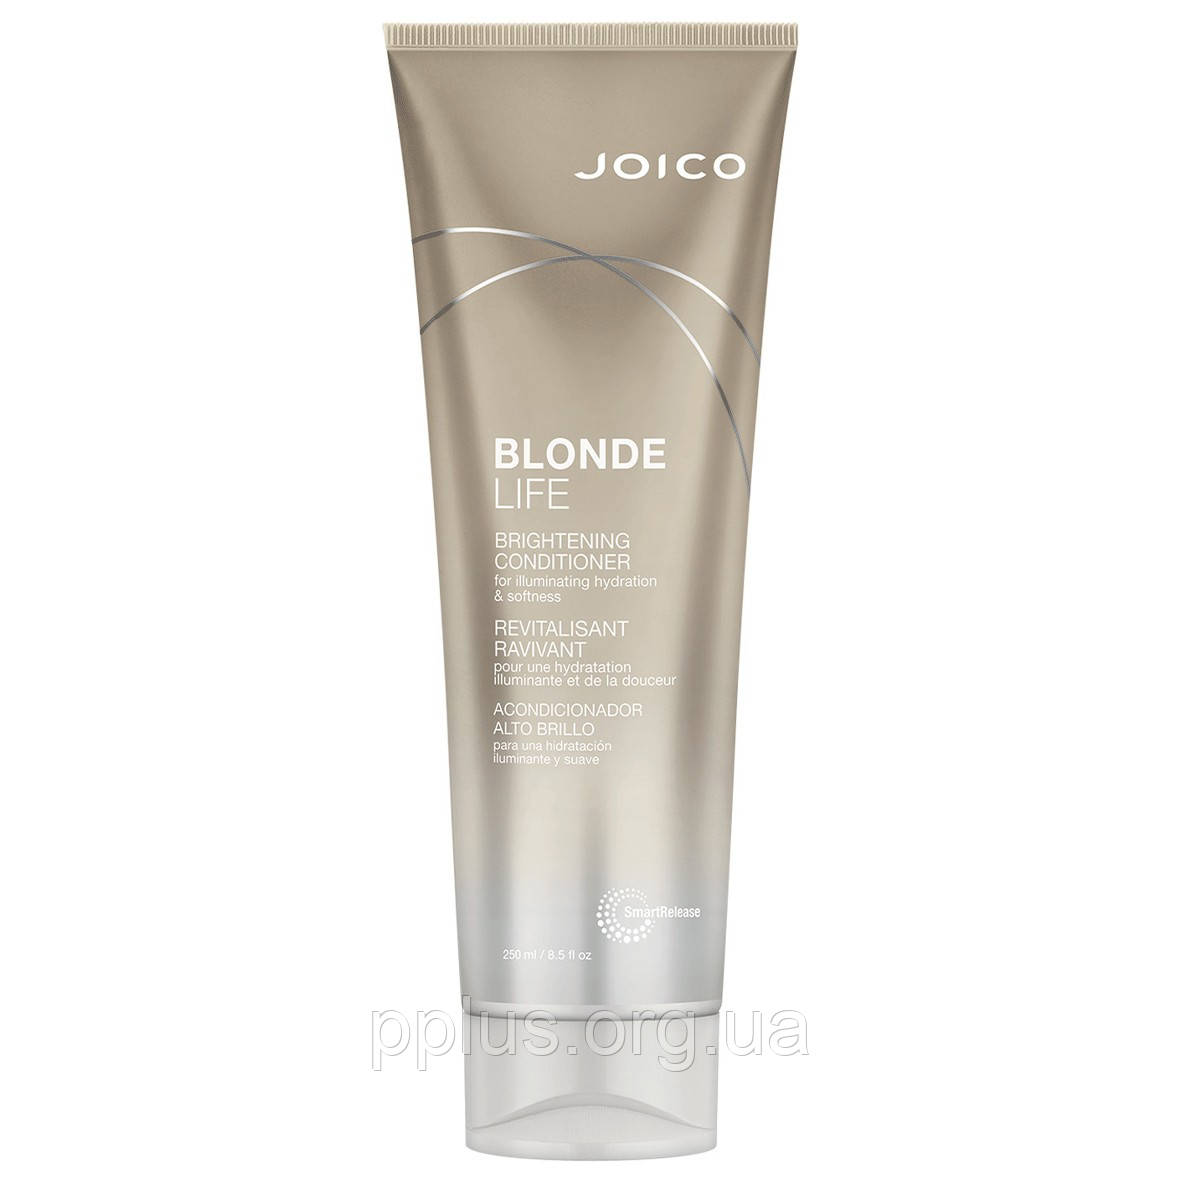 Кондиционер для сохранения яркости блонда Joico Blonde Life Brightening Conditioner 250 мл